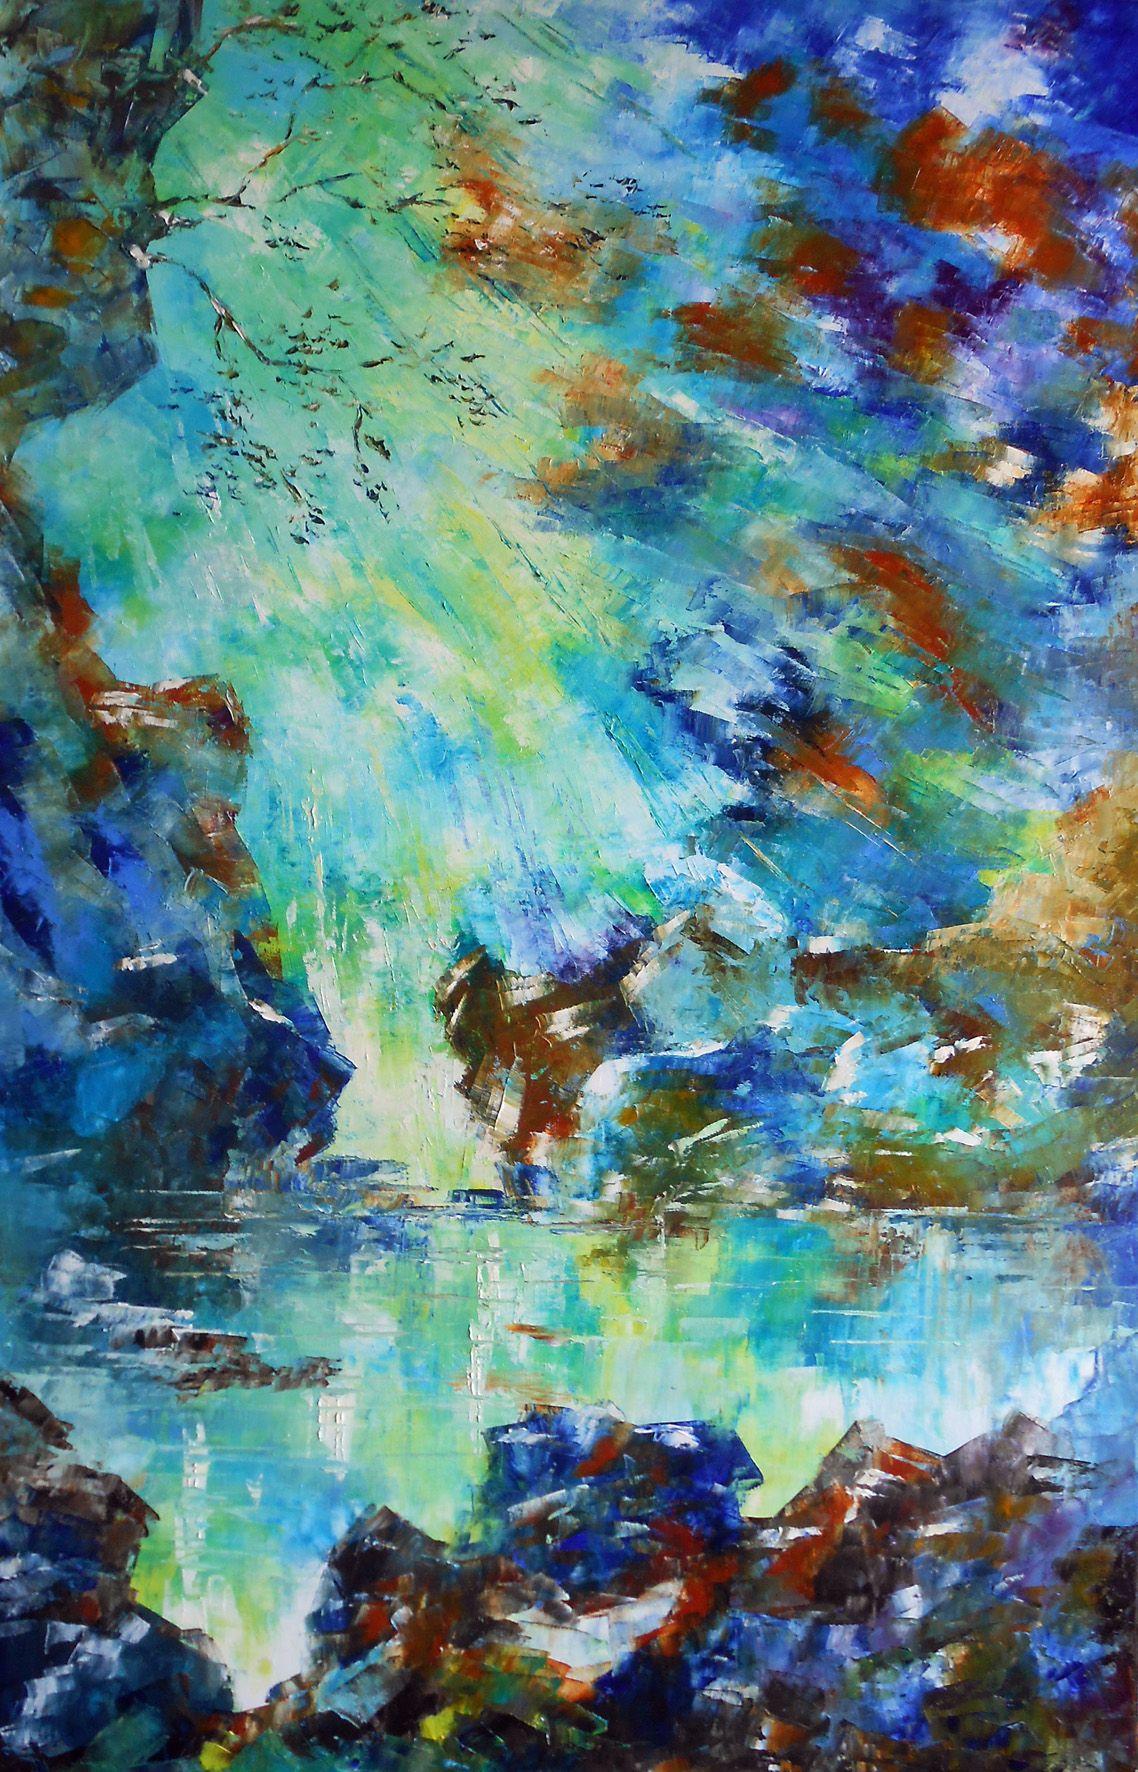 pluie de lumi re sur les rochers tableau d 39 axelle bosler artiste peintre peintures. Black Bedroom Furniture Sets. Home Design Ideas